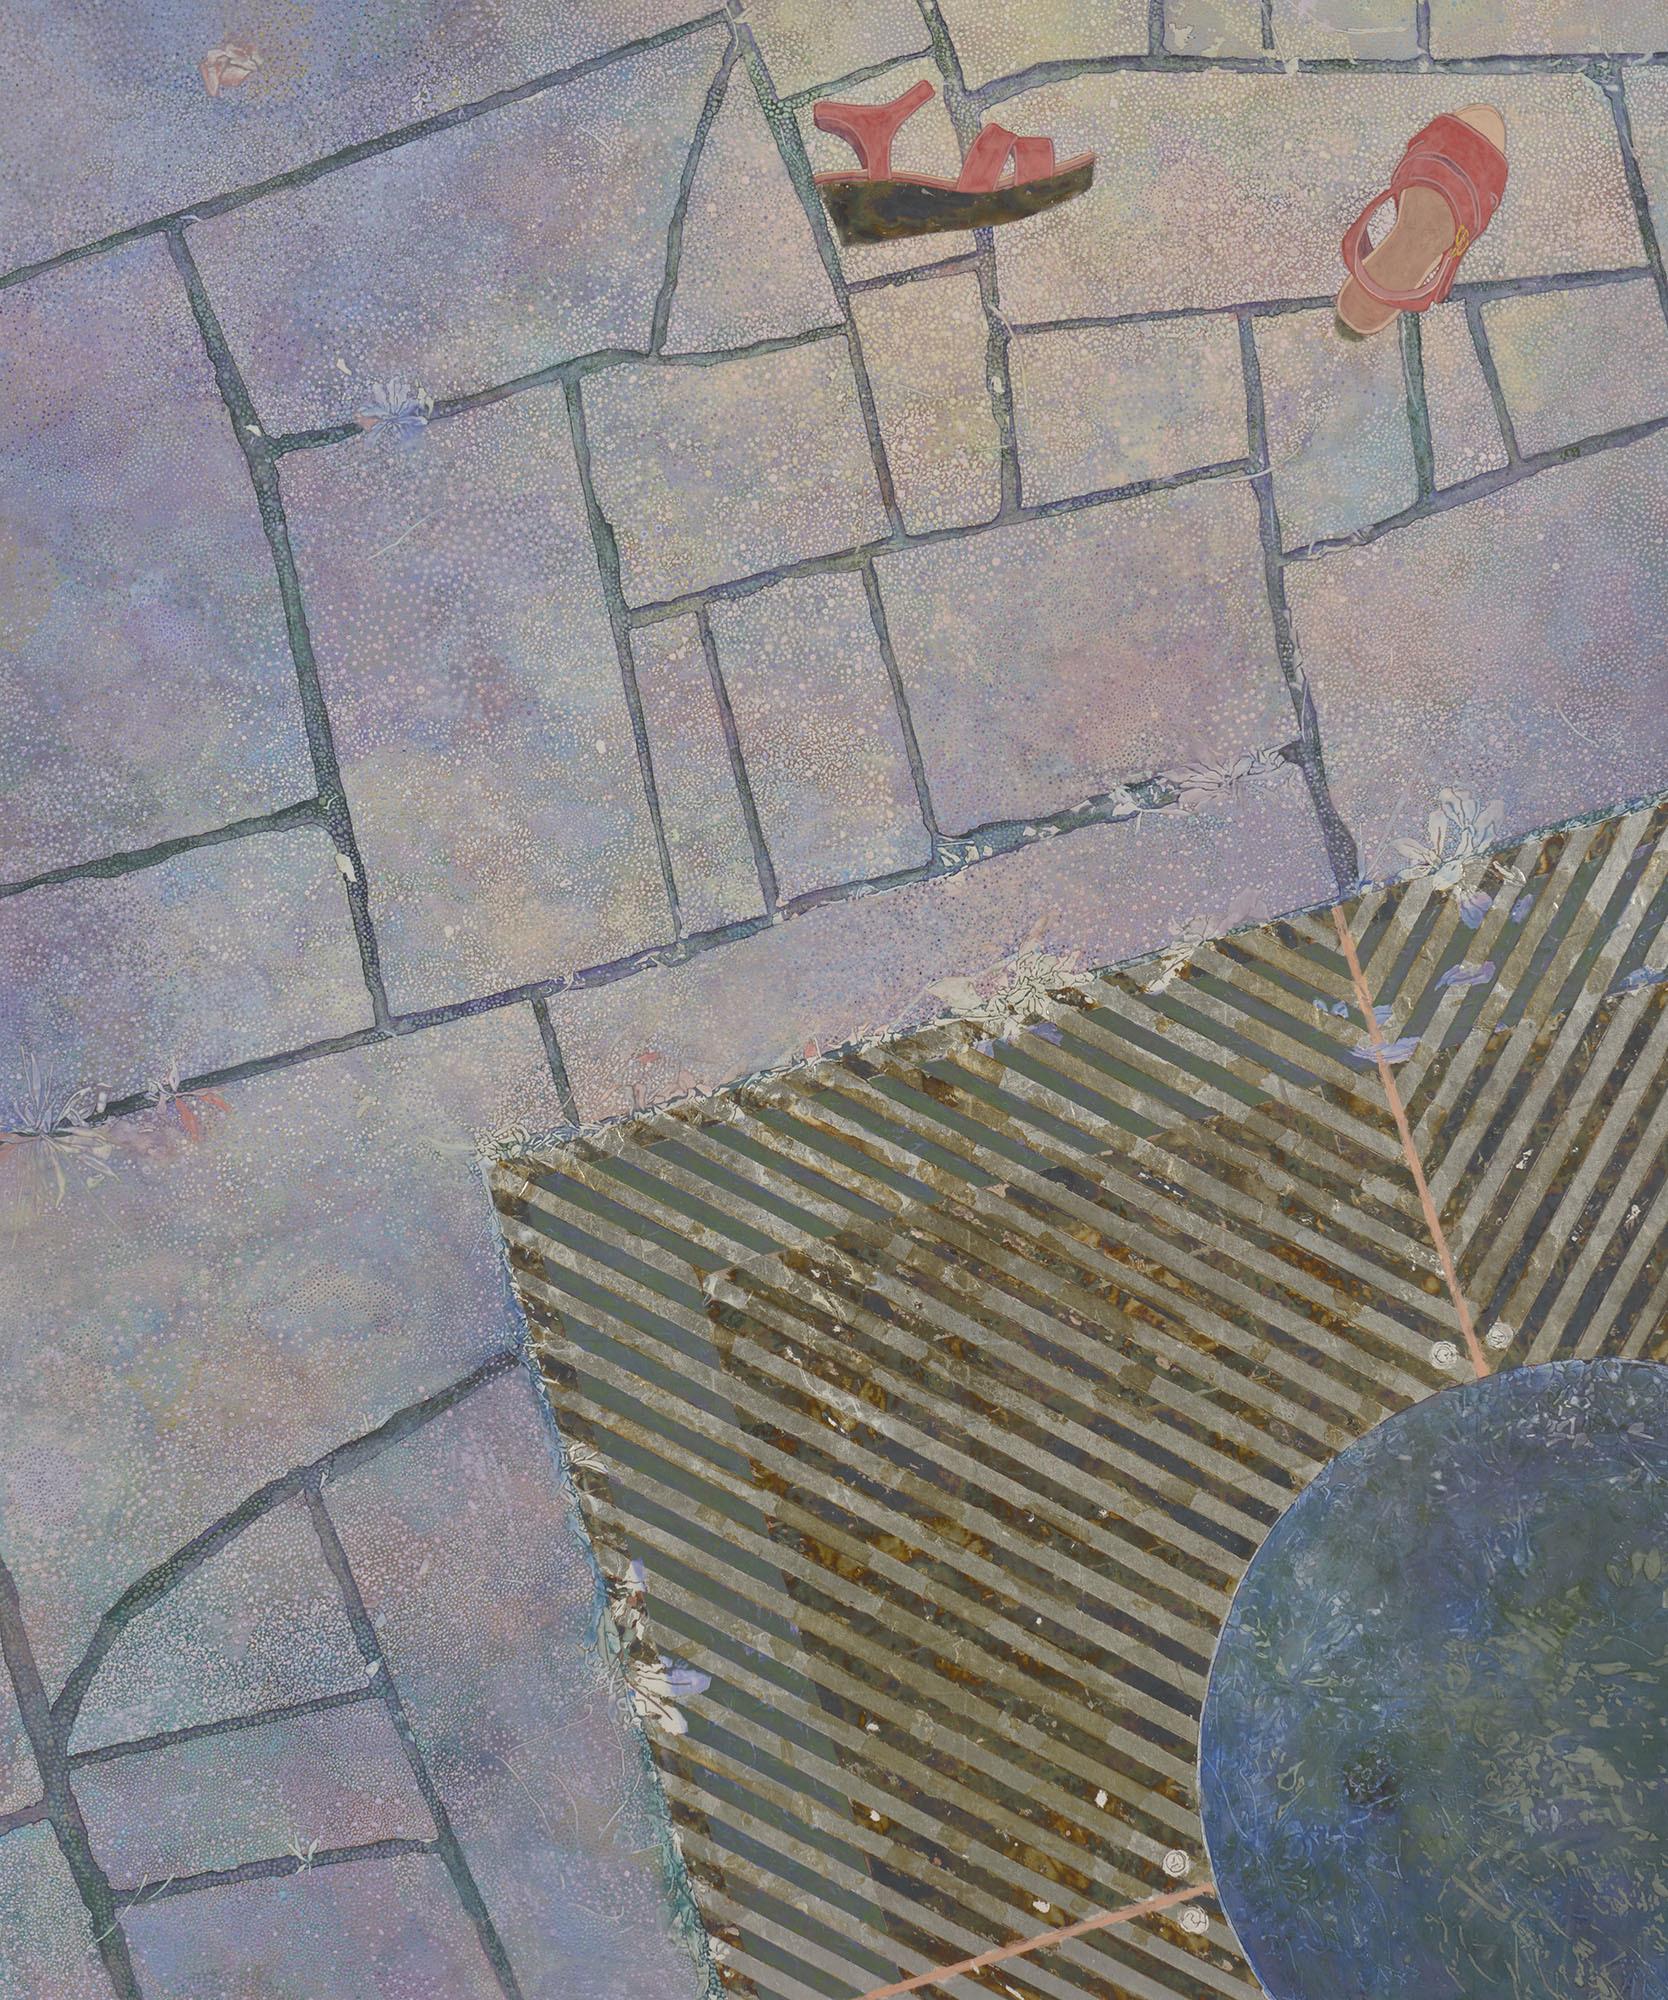 片野 莉乃(かたの りの) 《swimmer》2016 年 岩絵具・胡粉・箔・雲肌麻紙 200×168 ㎝ 1992 年生まれ (審査員:本江邦夫)